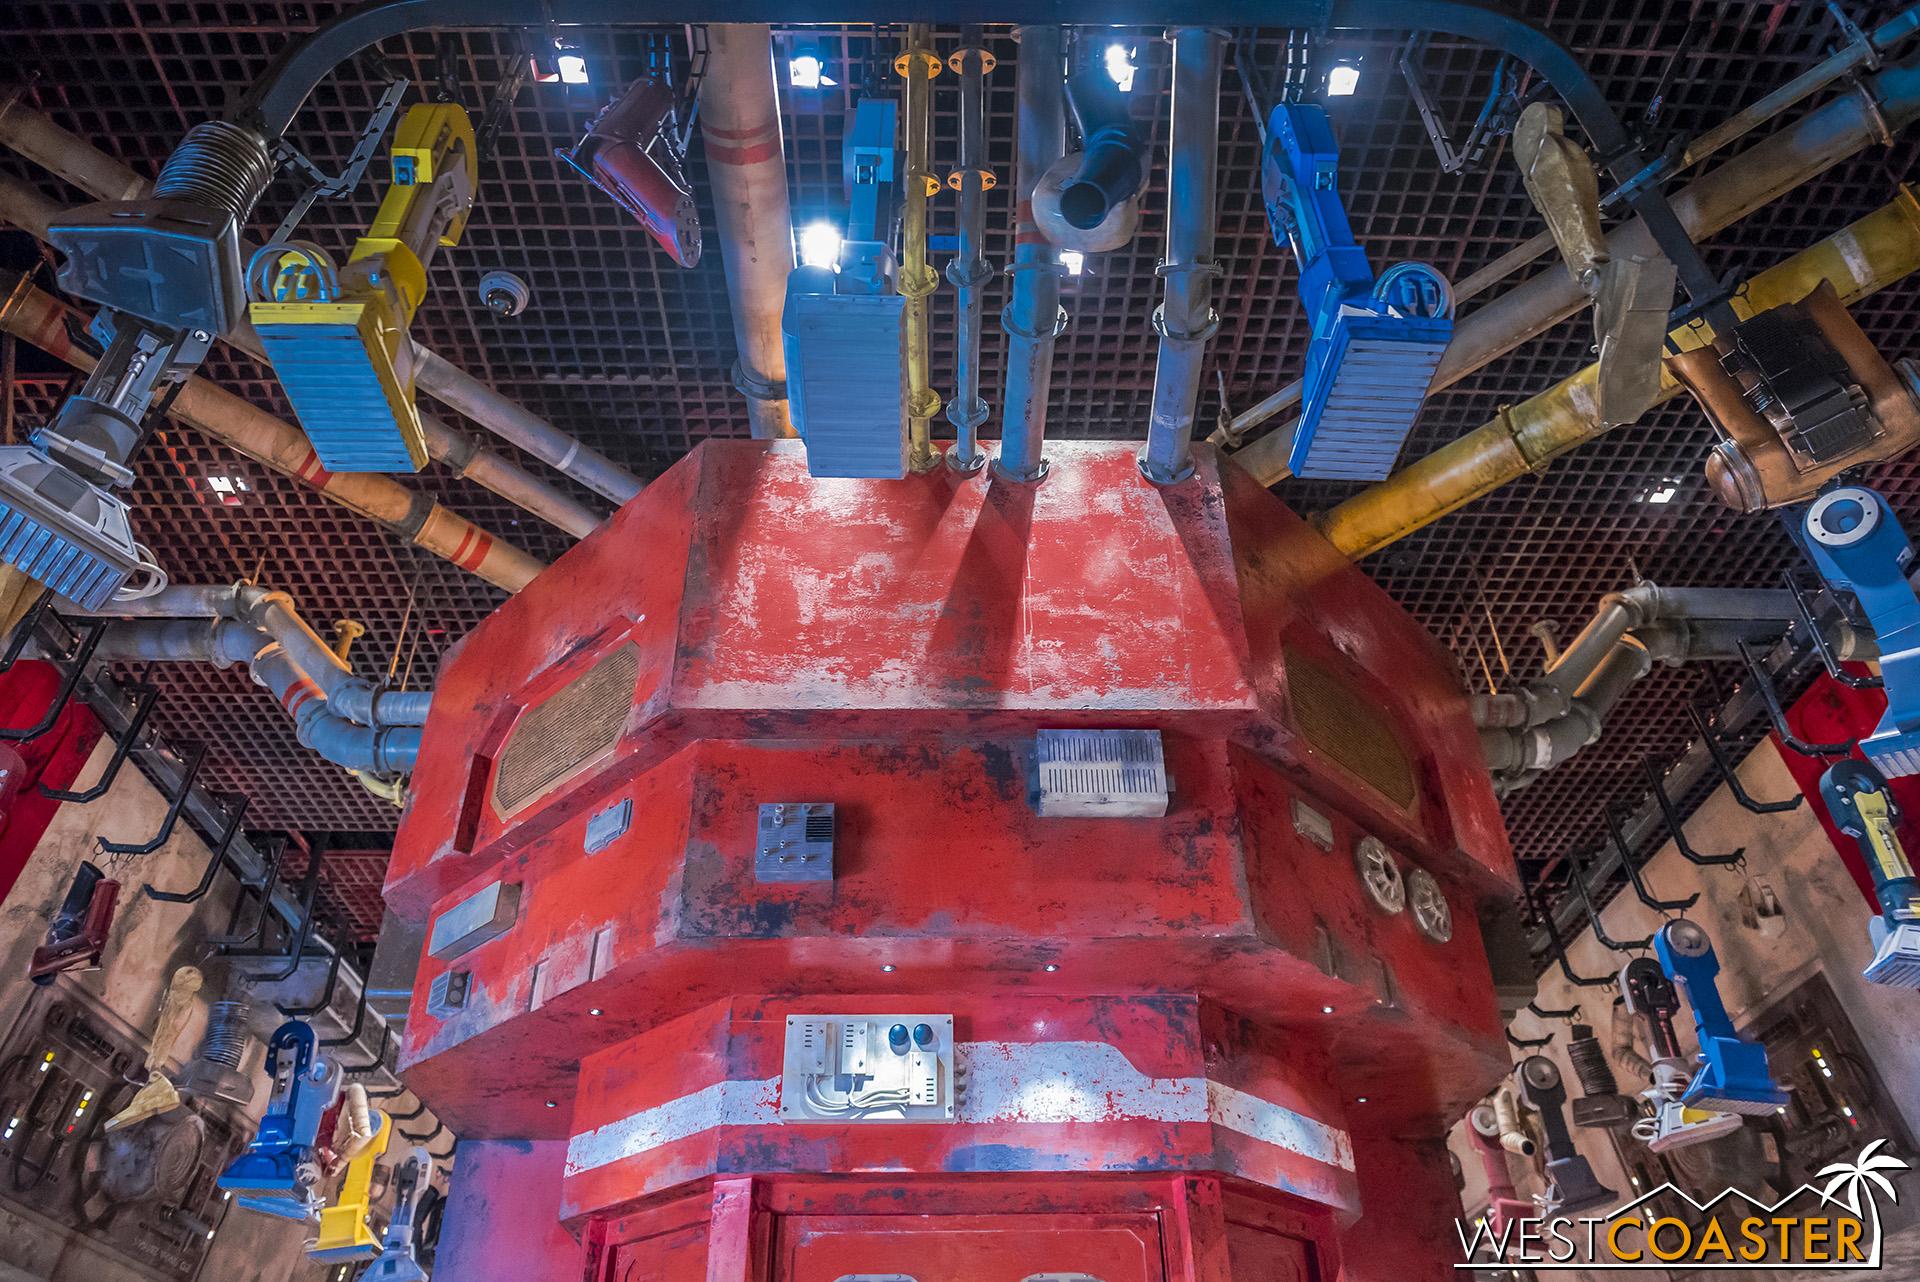 DLR-19_0625-B-DroidDepot-0006.jpg